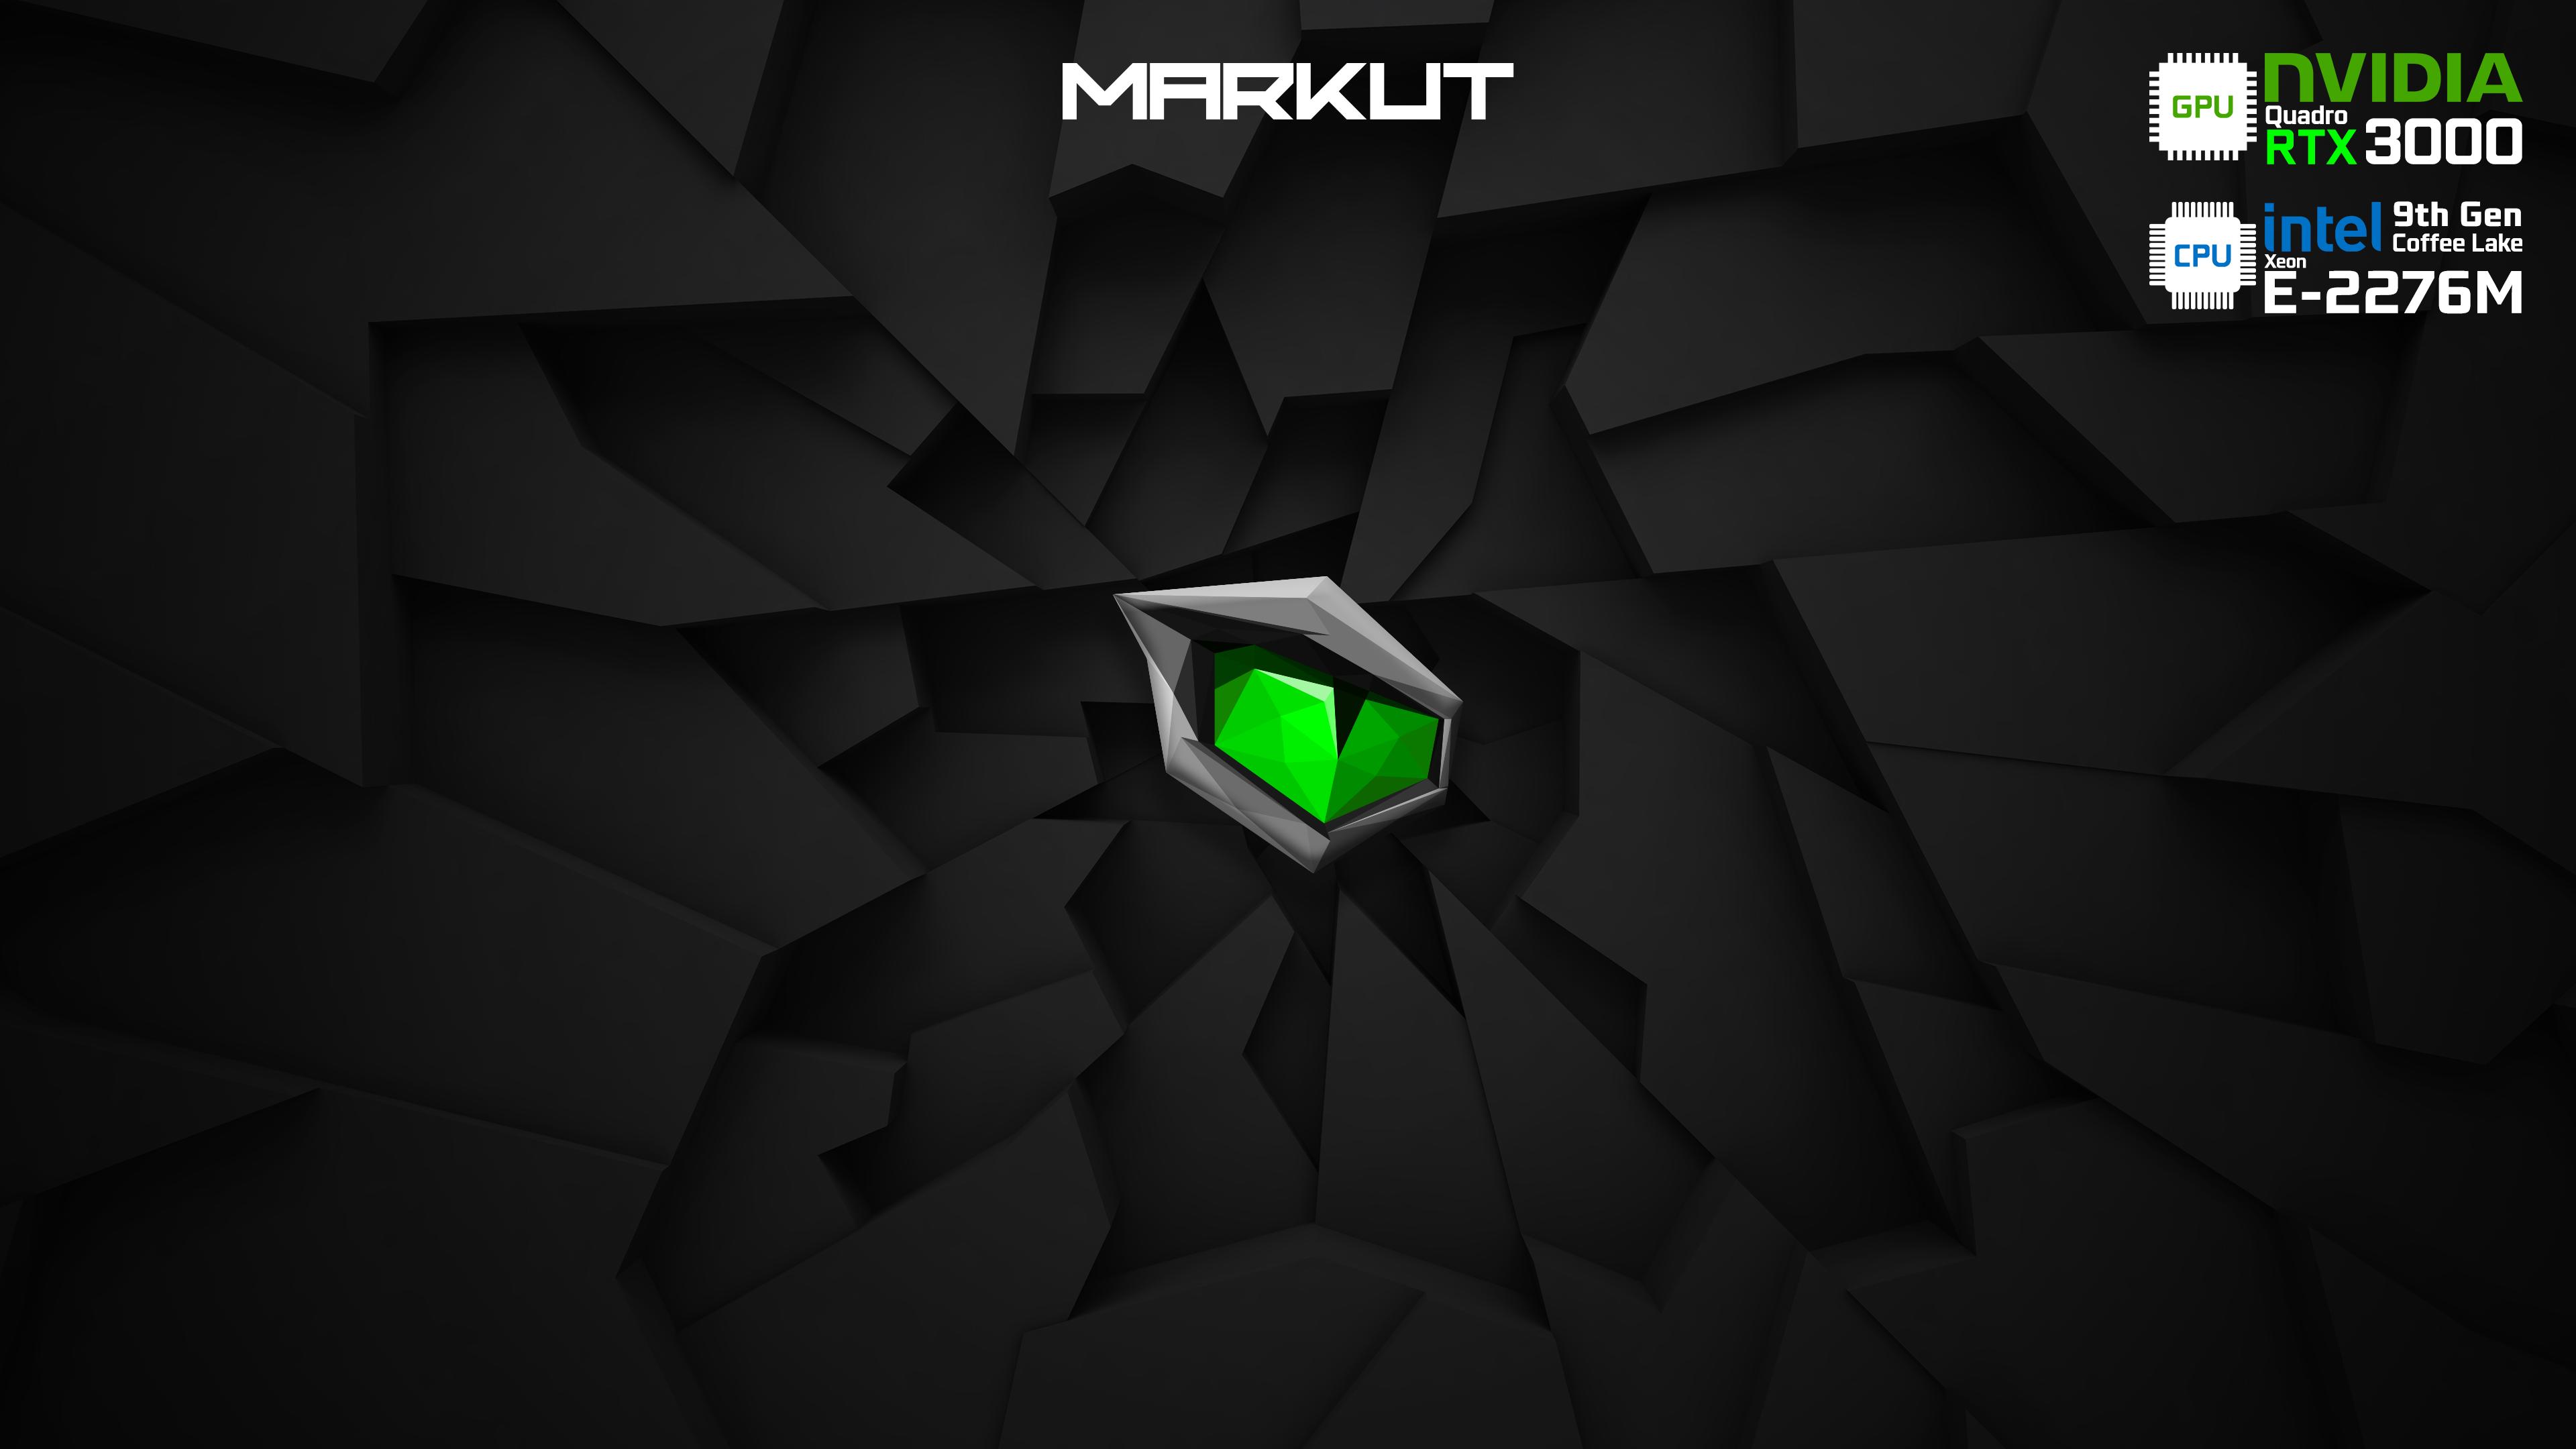 Monster - Markut - RTX3000 - Xeon-E-2276